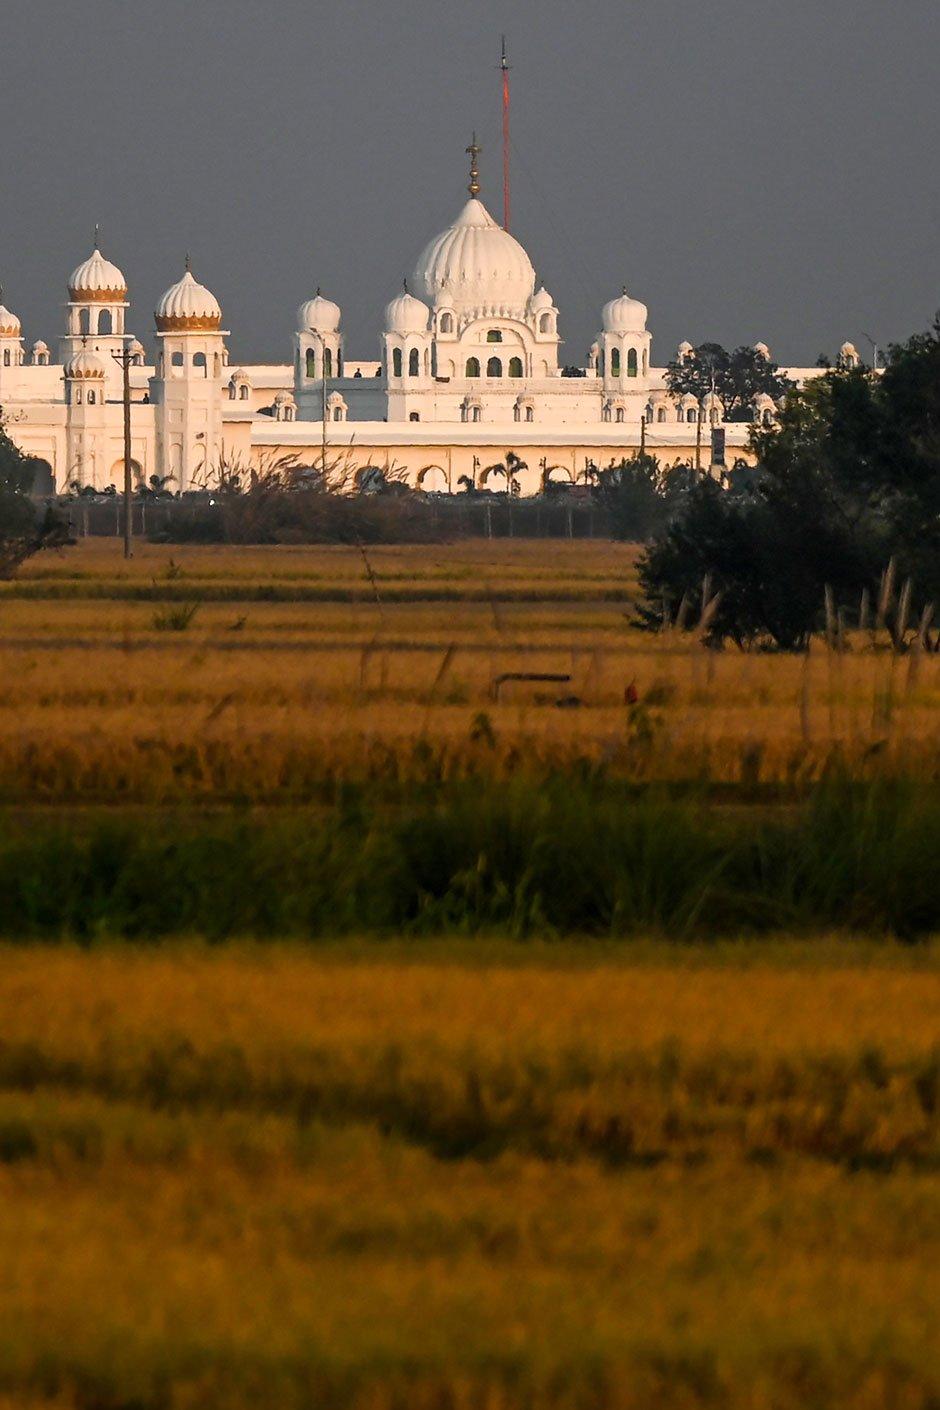 passport free entry to kartarpur under study